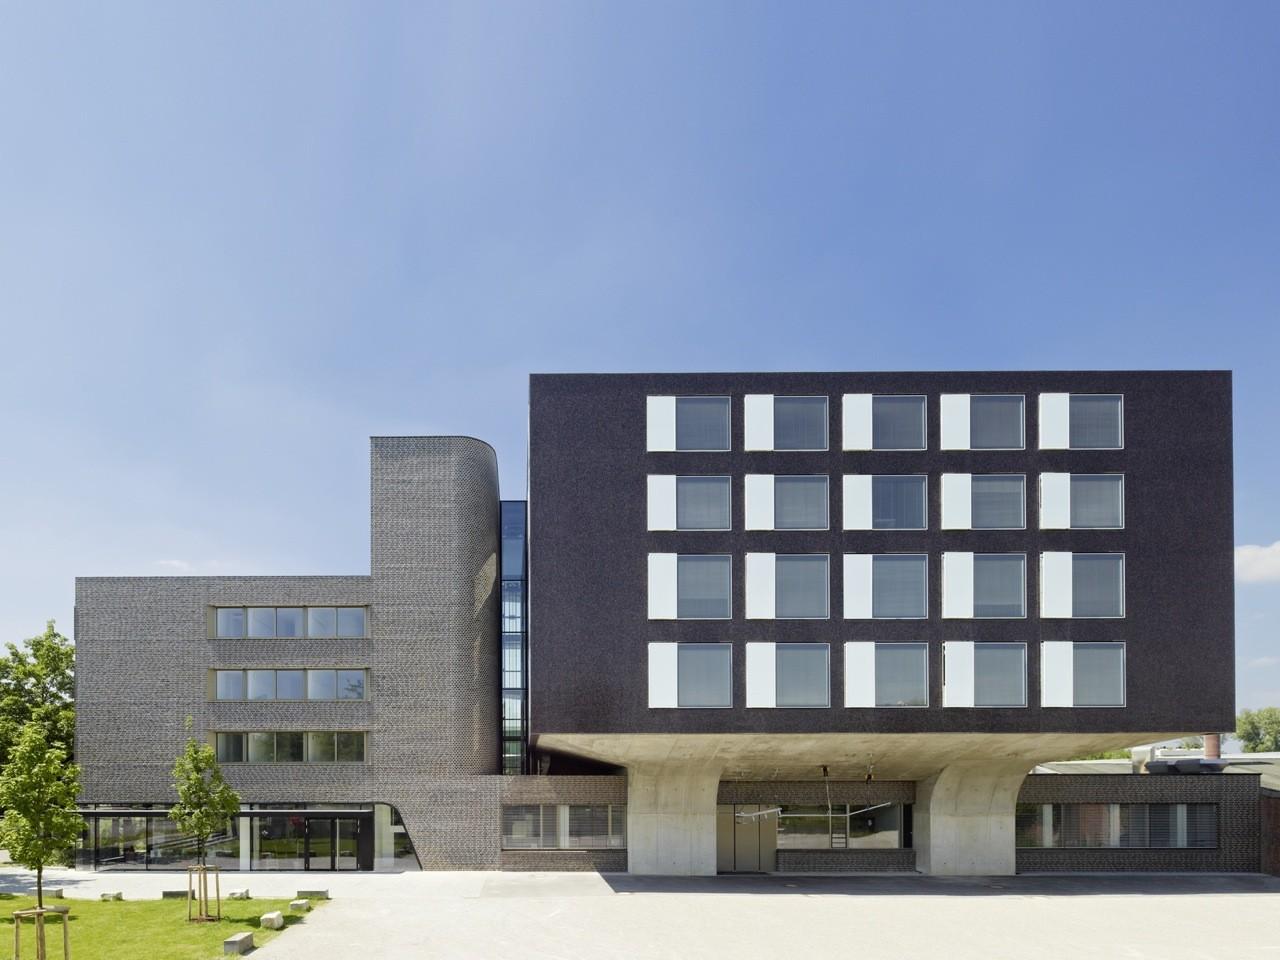 Training Centre for Apprentice Butchers  / Wulf Architekten, © Zooey Braun